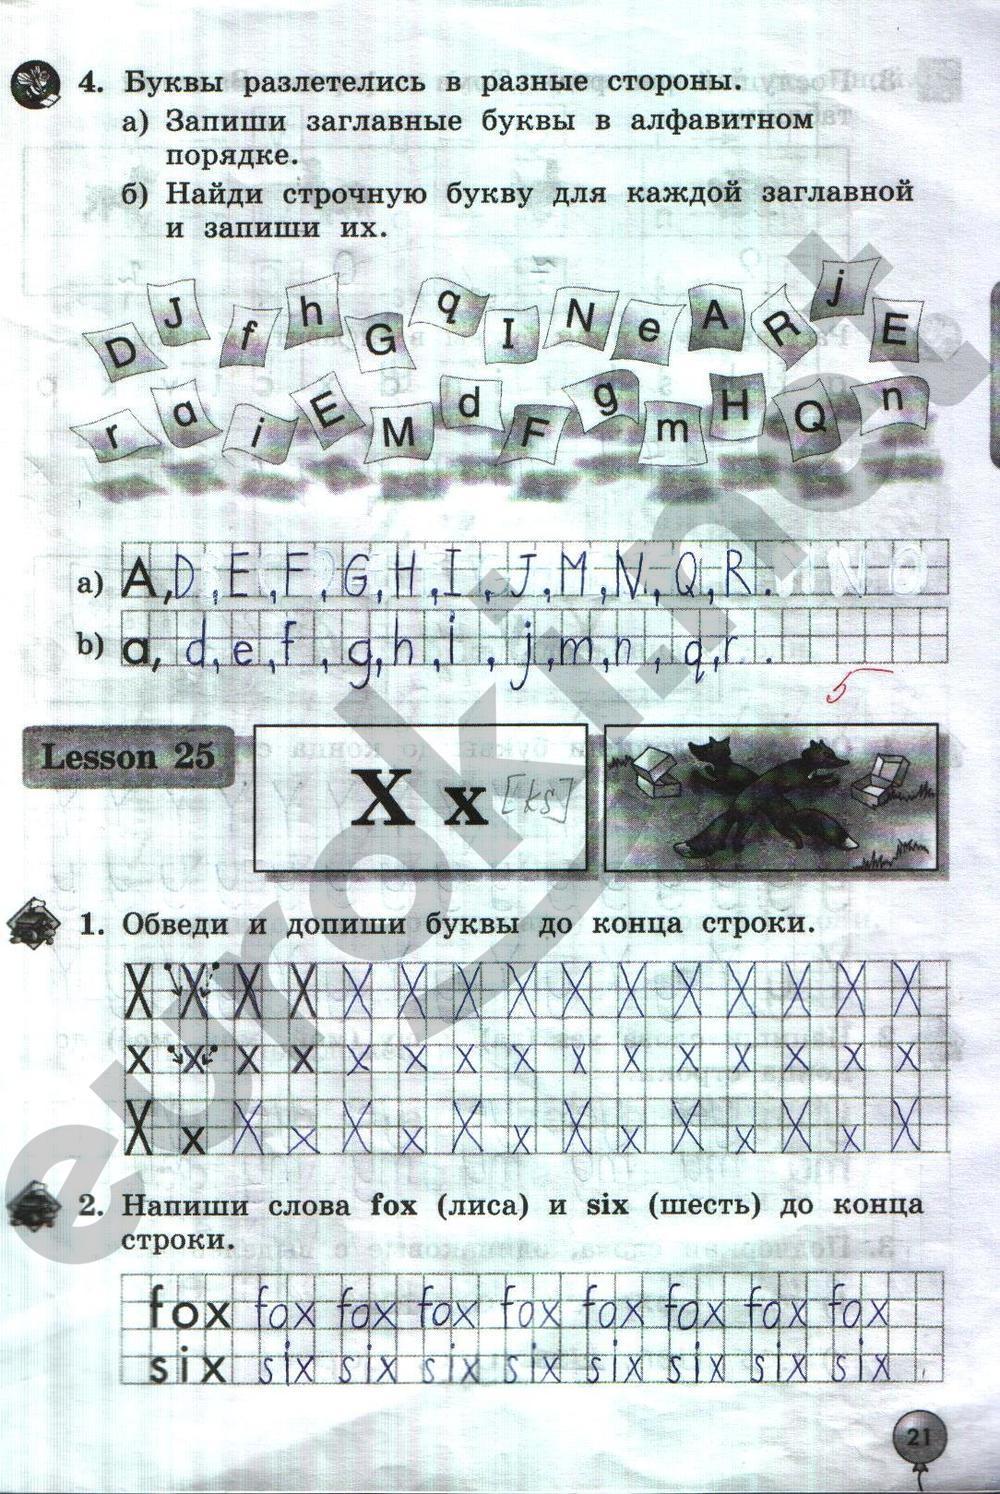 Гдз по английскому языку 2 класс денисенко рабочая тетрадь ответы